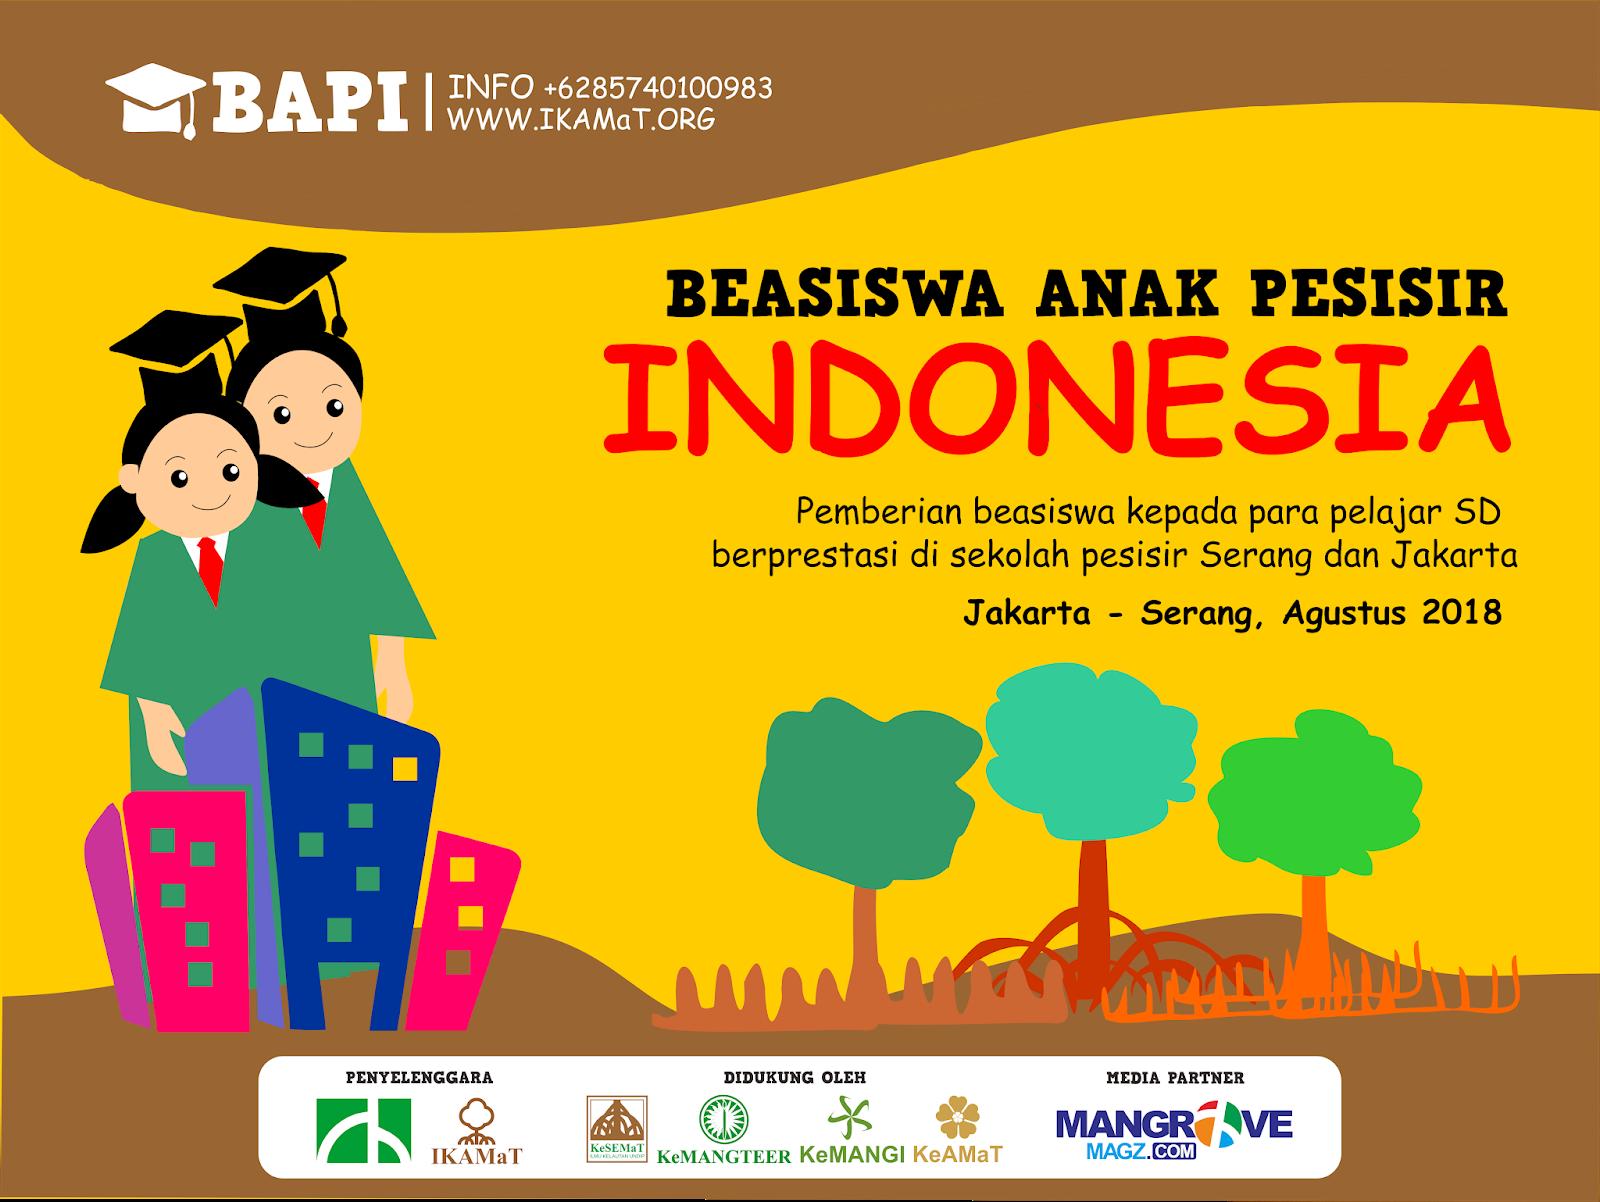 Press Release Beasiswa Anak Pesisir Indonesia 2018